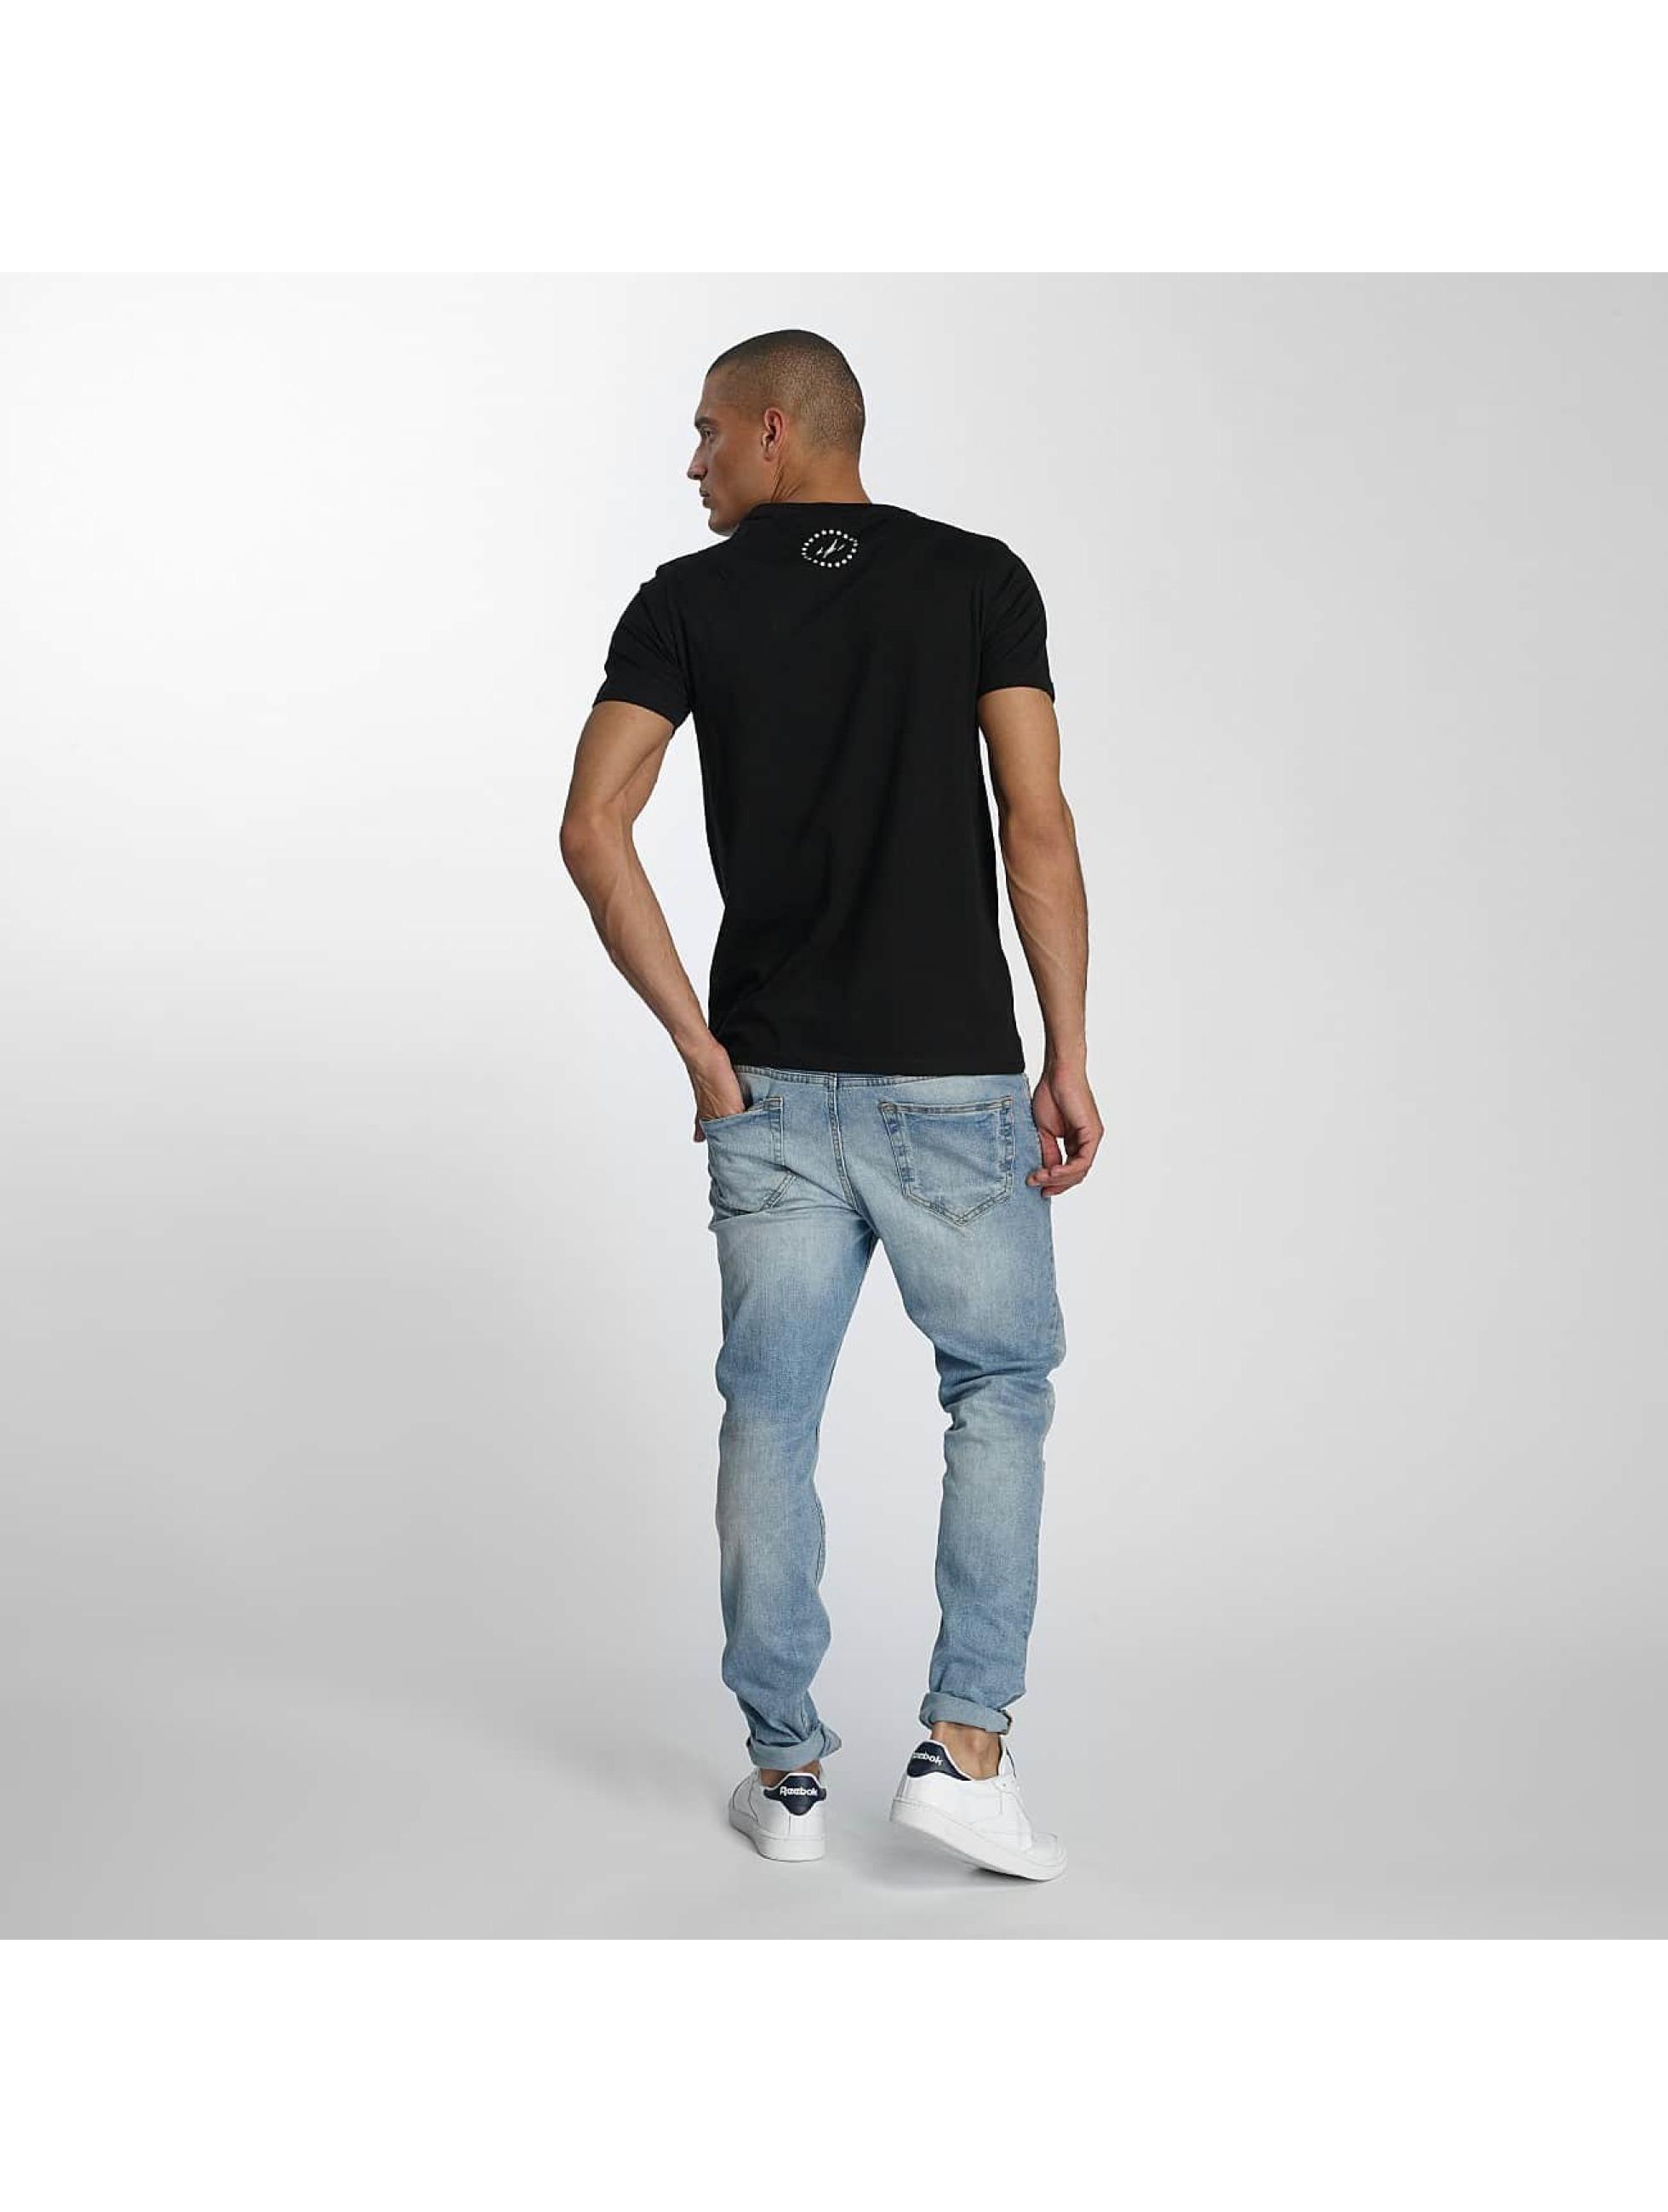 TrueSpin t-shirt 5 zwart